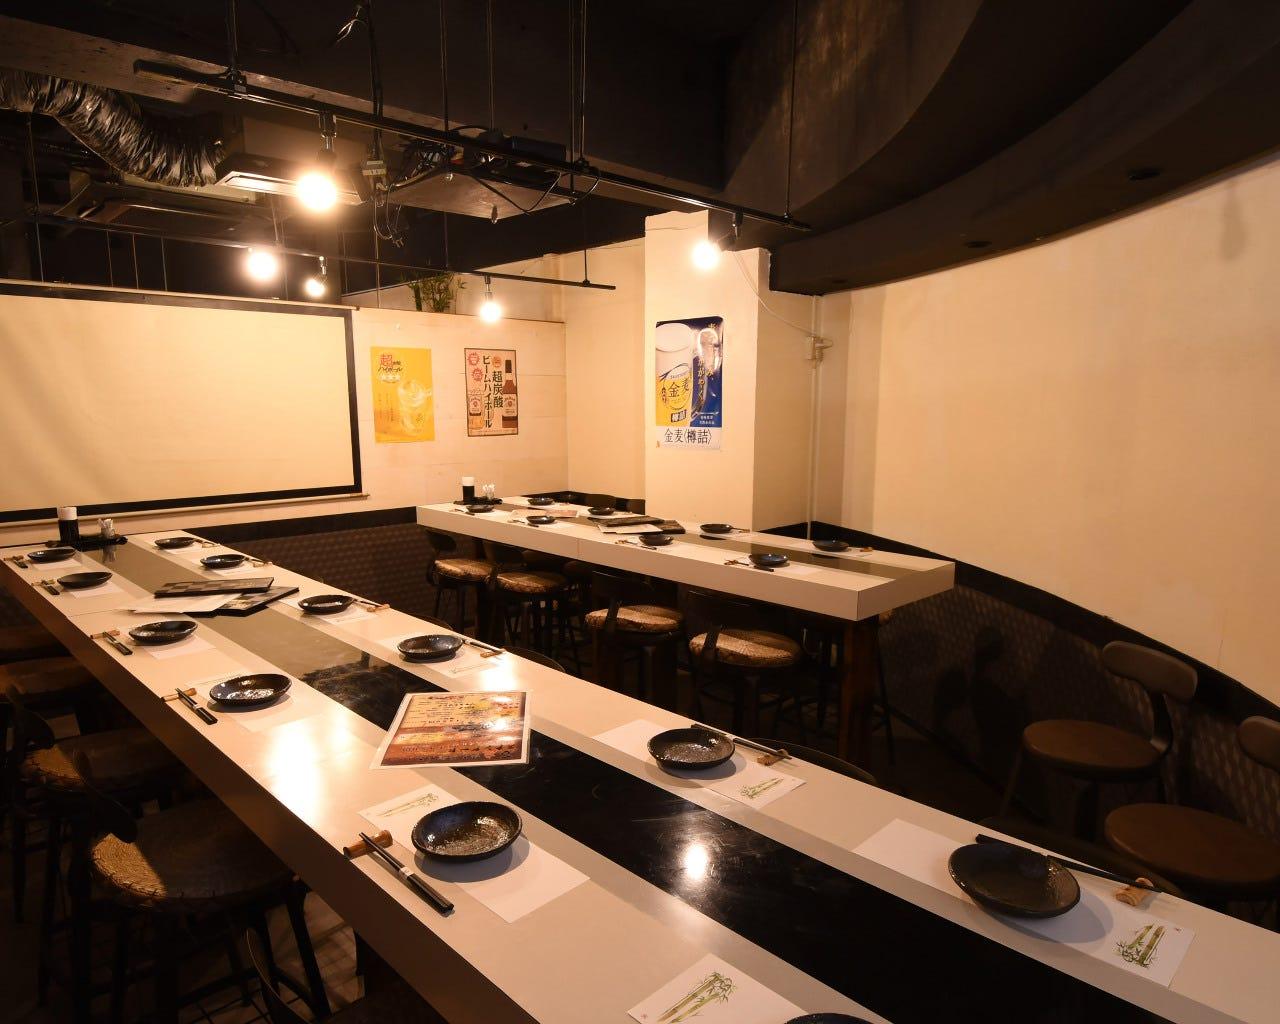 テーブル席・完全個室(壁・扉あり)・20名様まで